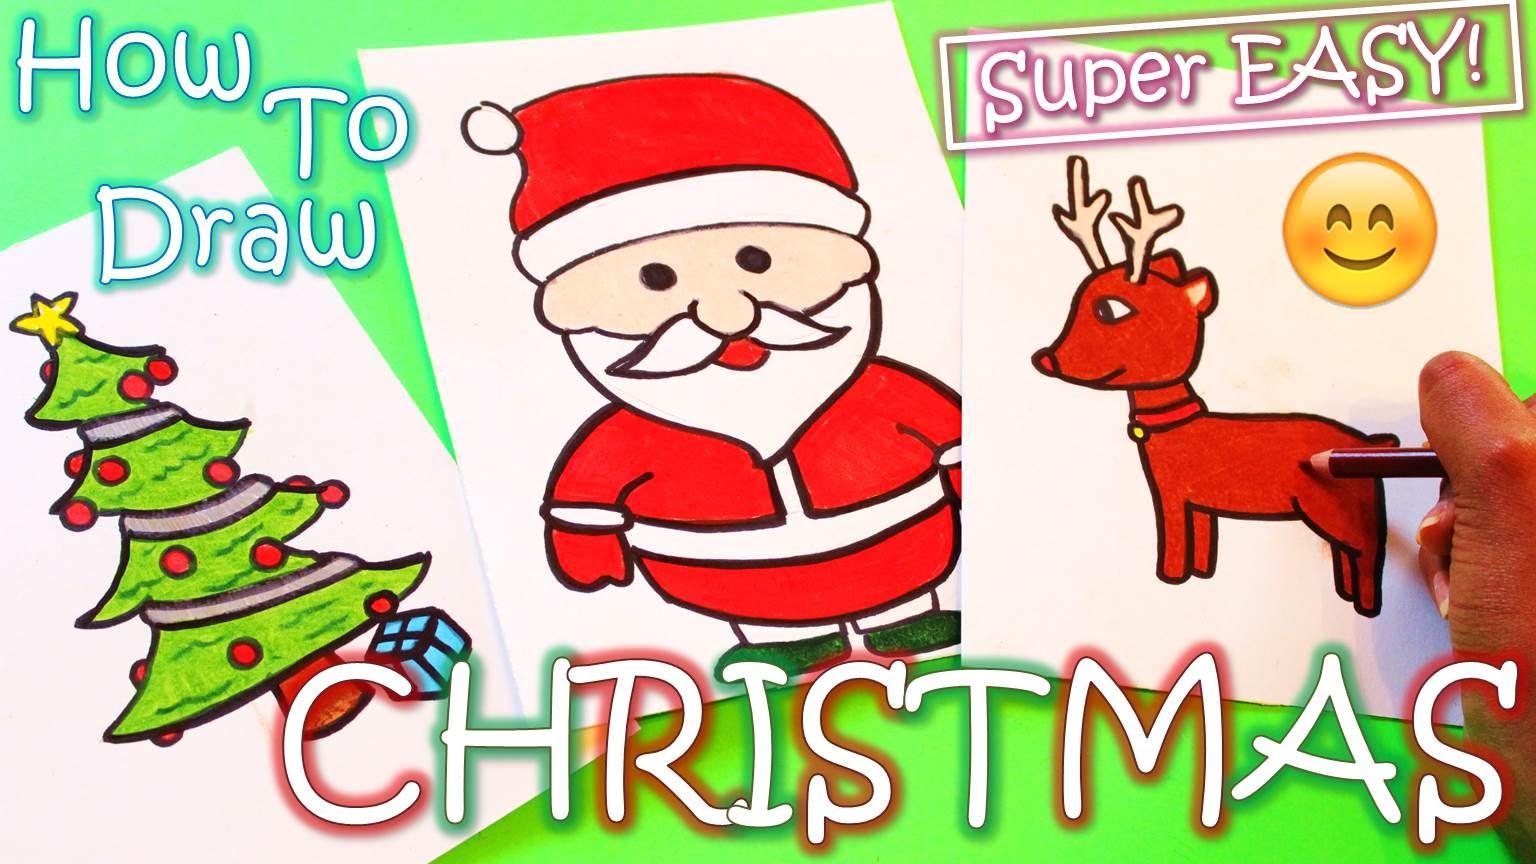 Drawn reindeer christmas tree (Reindeer Tree) How Draw Christmas